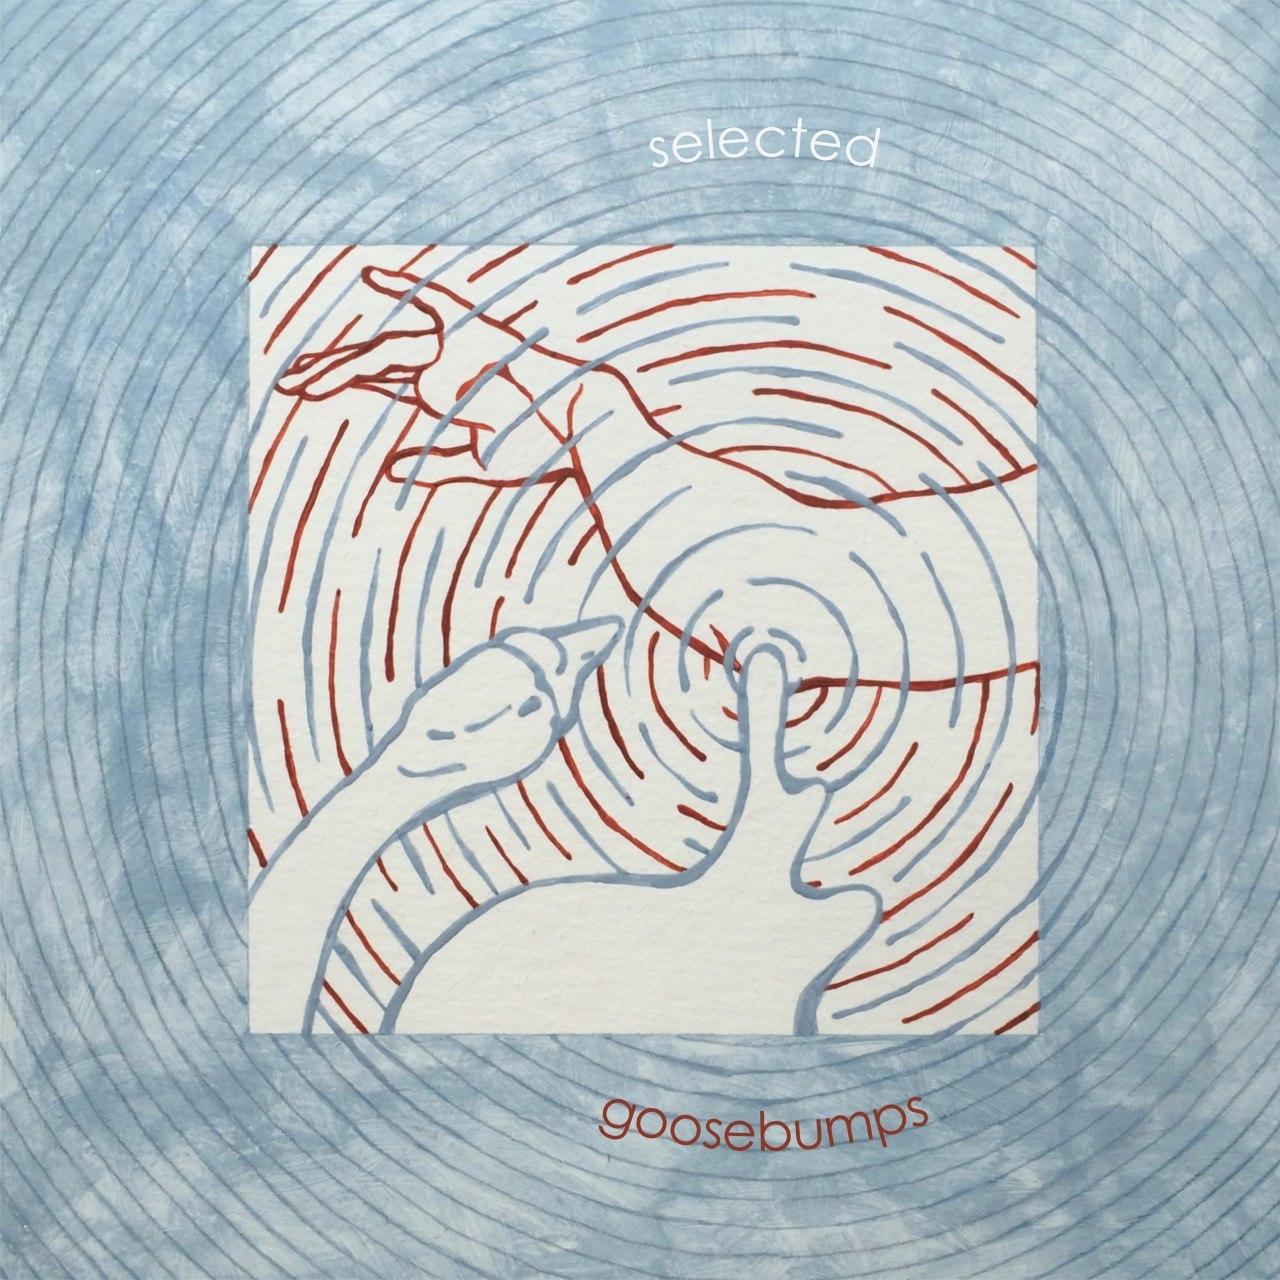 Любители необычной музыки, вот канал для вас: Selected Goosebumps. На нём...